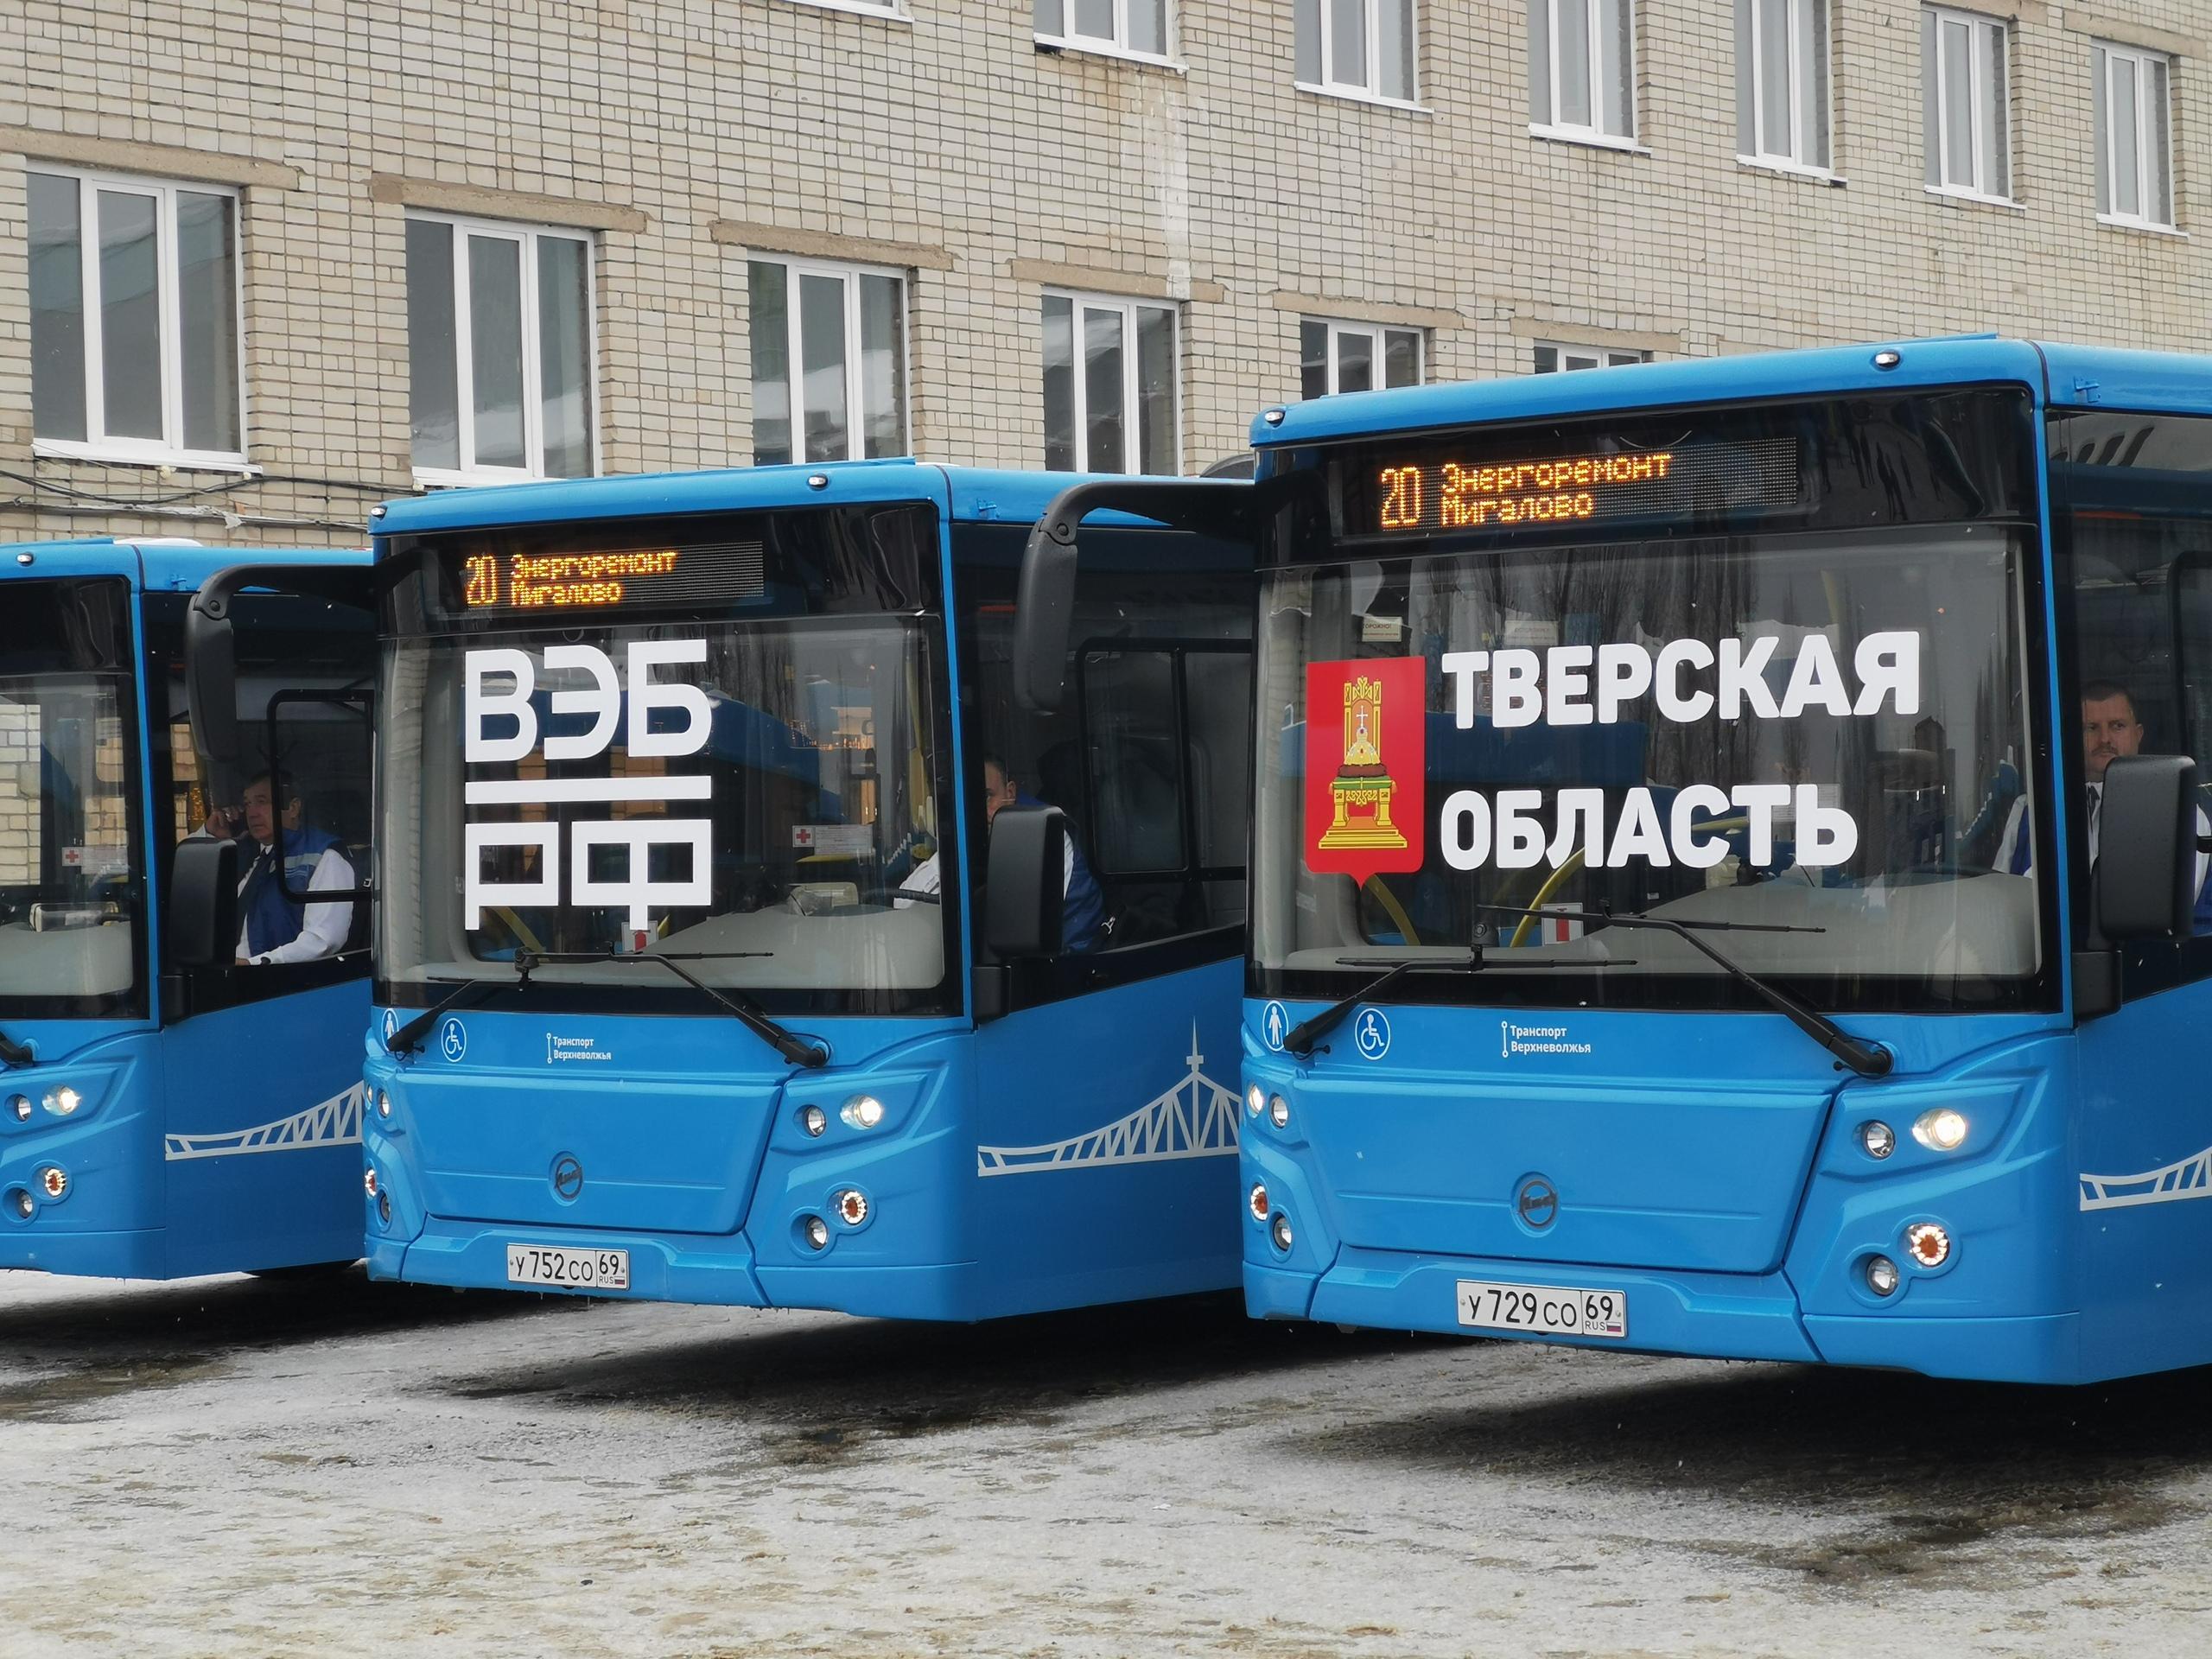 На какие маршруты выйдут новые автобусы 3 февраля в Твери